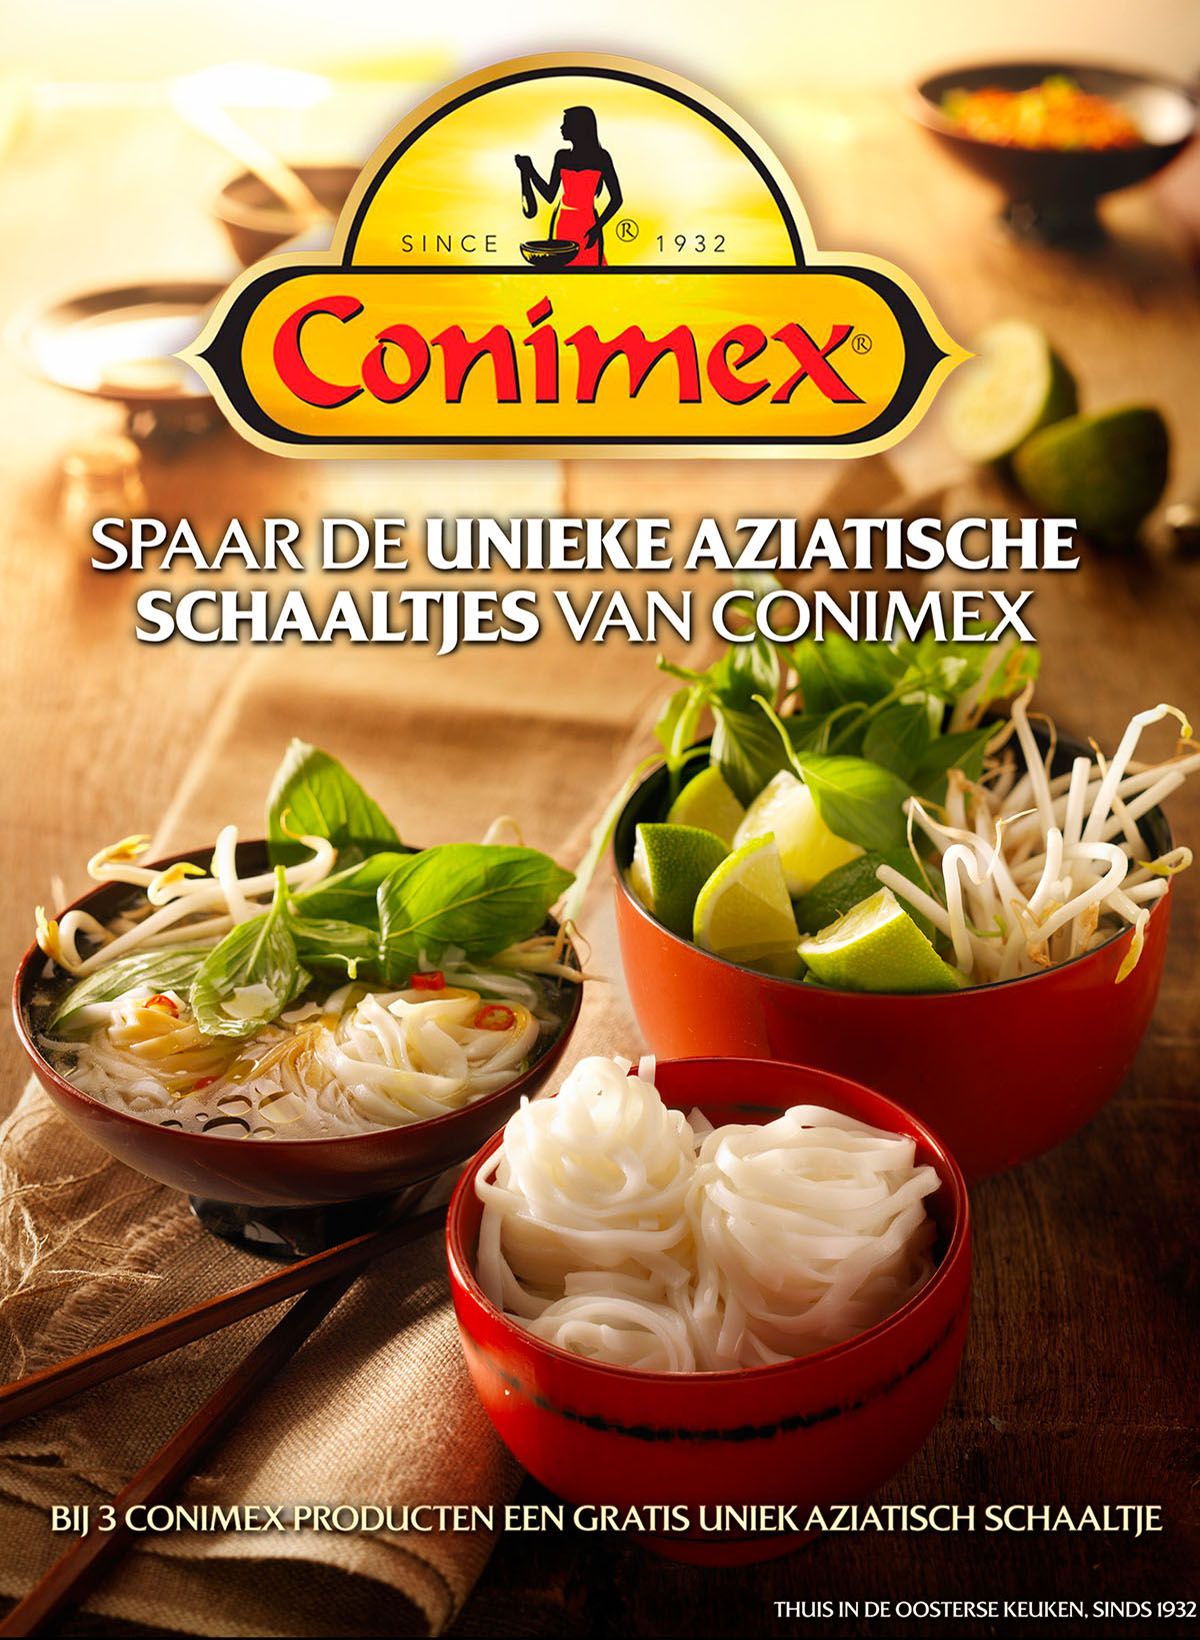 Food styling fotografie van kommetjes met taugé icm groenten van Conimex gemaakt door Studio_m Fotografie Amsterdam